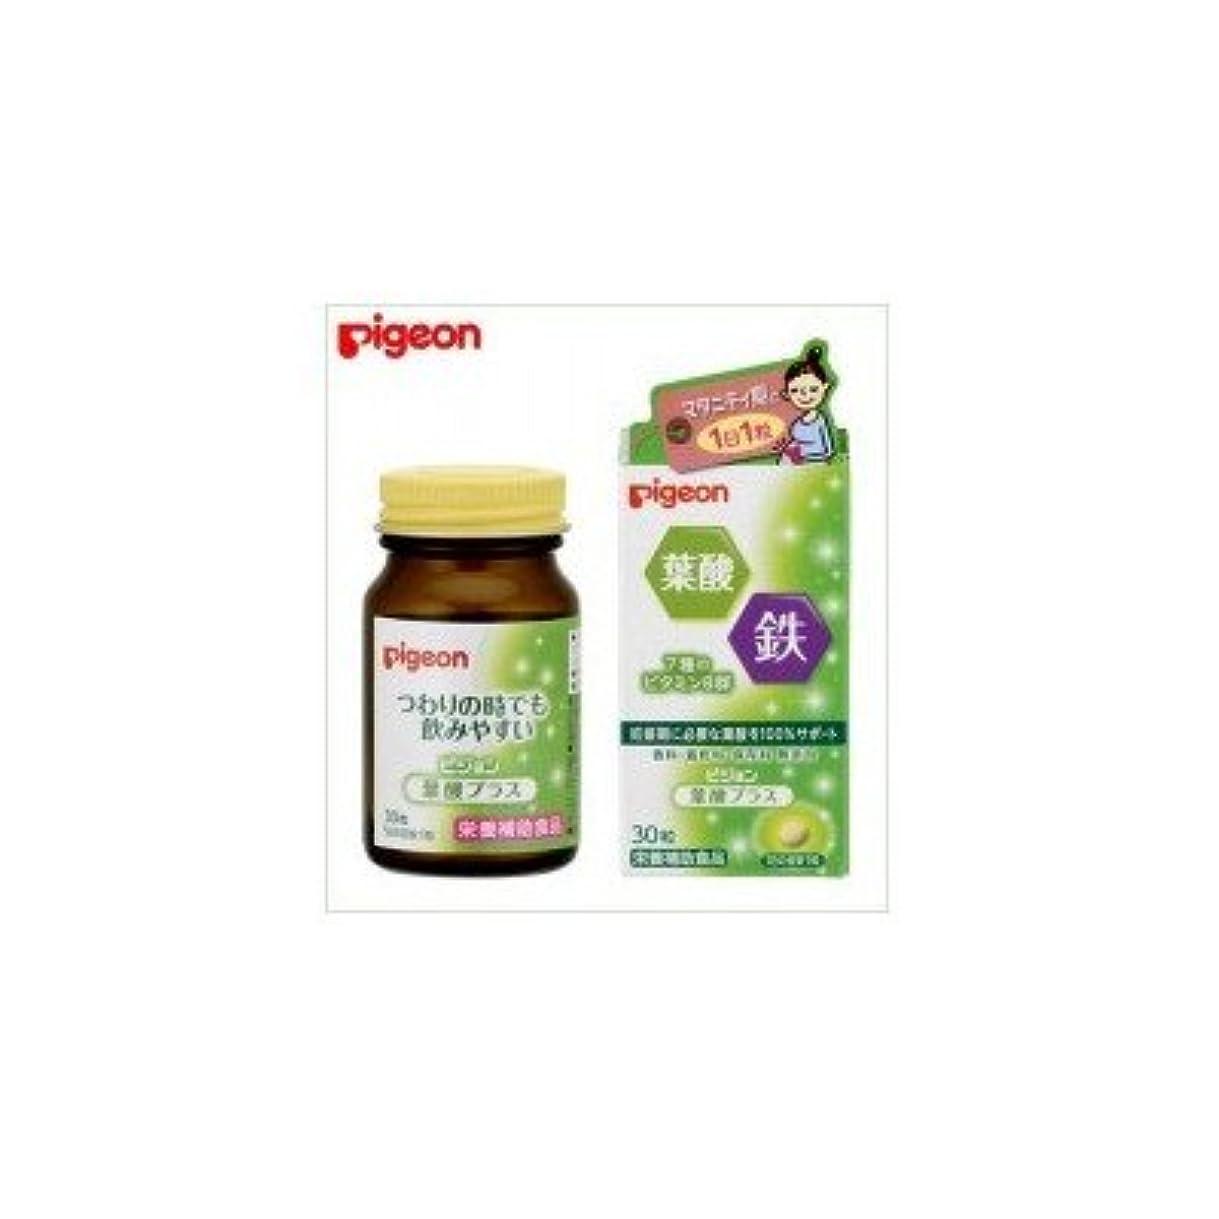 気がついて正当なちょうつがいPigeon(ピジョン) サプリメント 栄養補助食品 葉酸プラス 30粒(錠剤) 20390